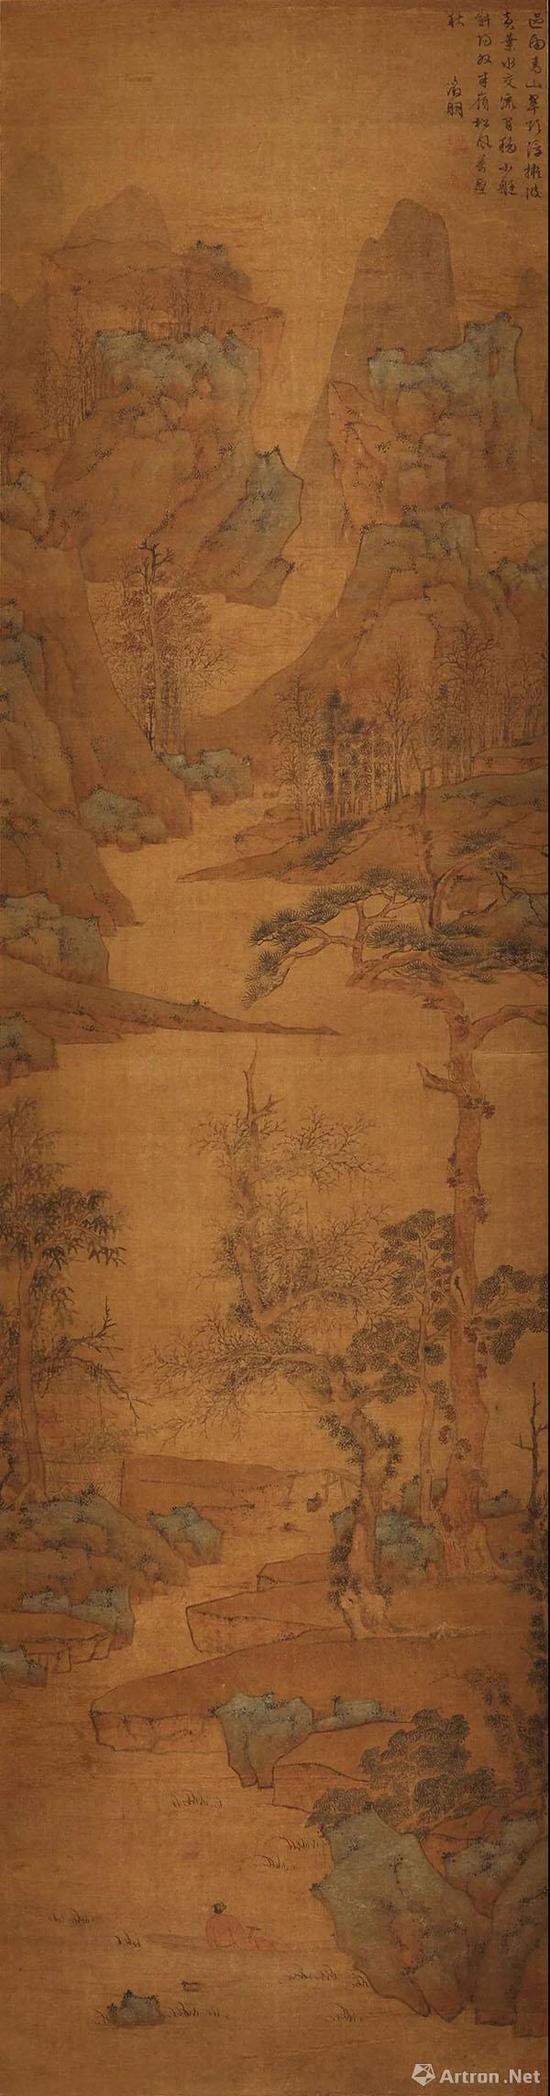 明 文徵明《万壑松风图》  41×154厘米